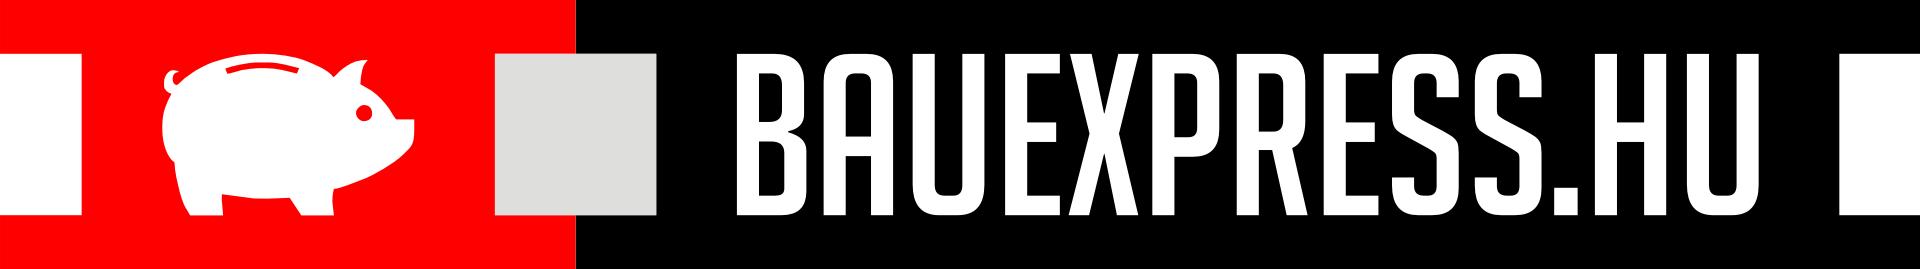 bauexpress.hu